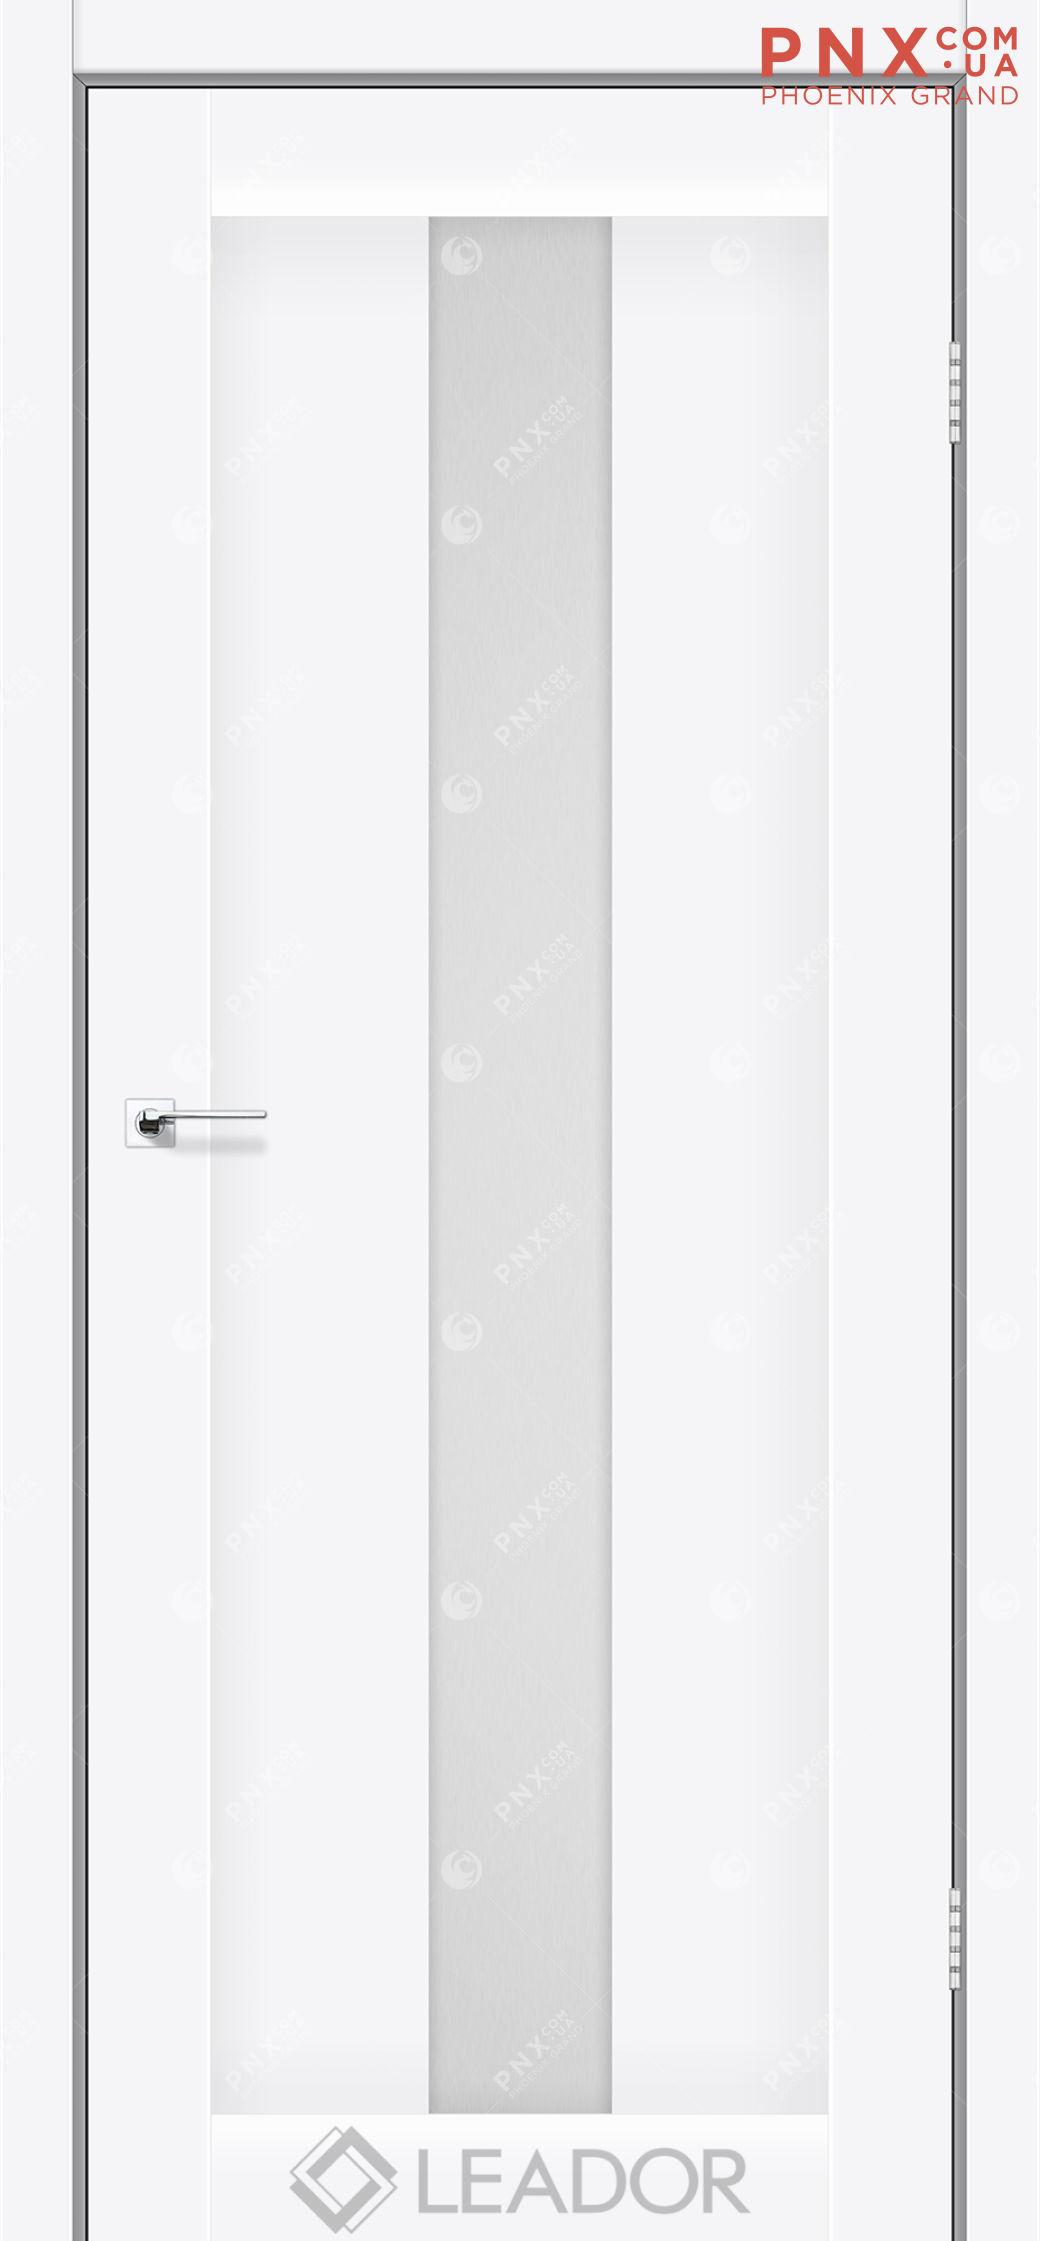 Межкомнатная дверь LEADOR Bari, Белый матовый, Белое стекло сатин